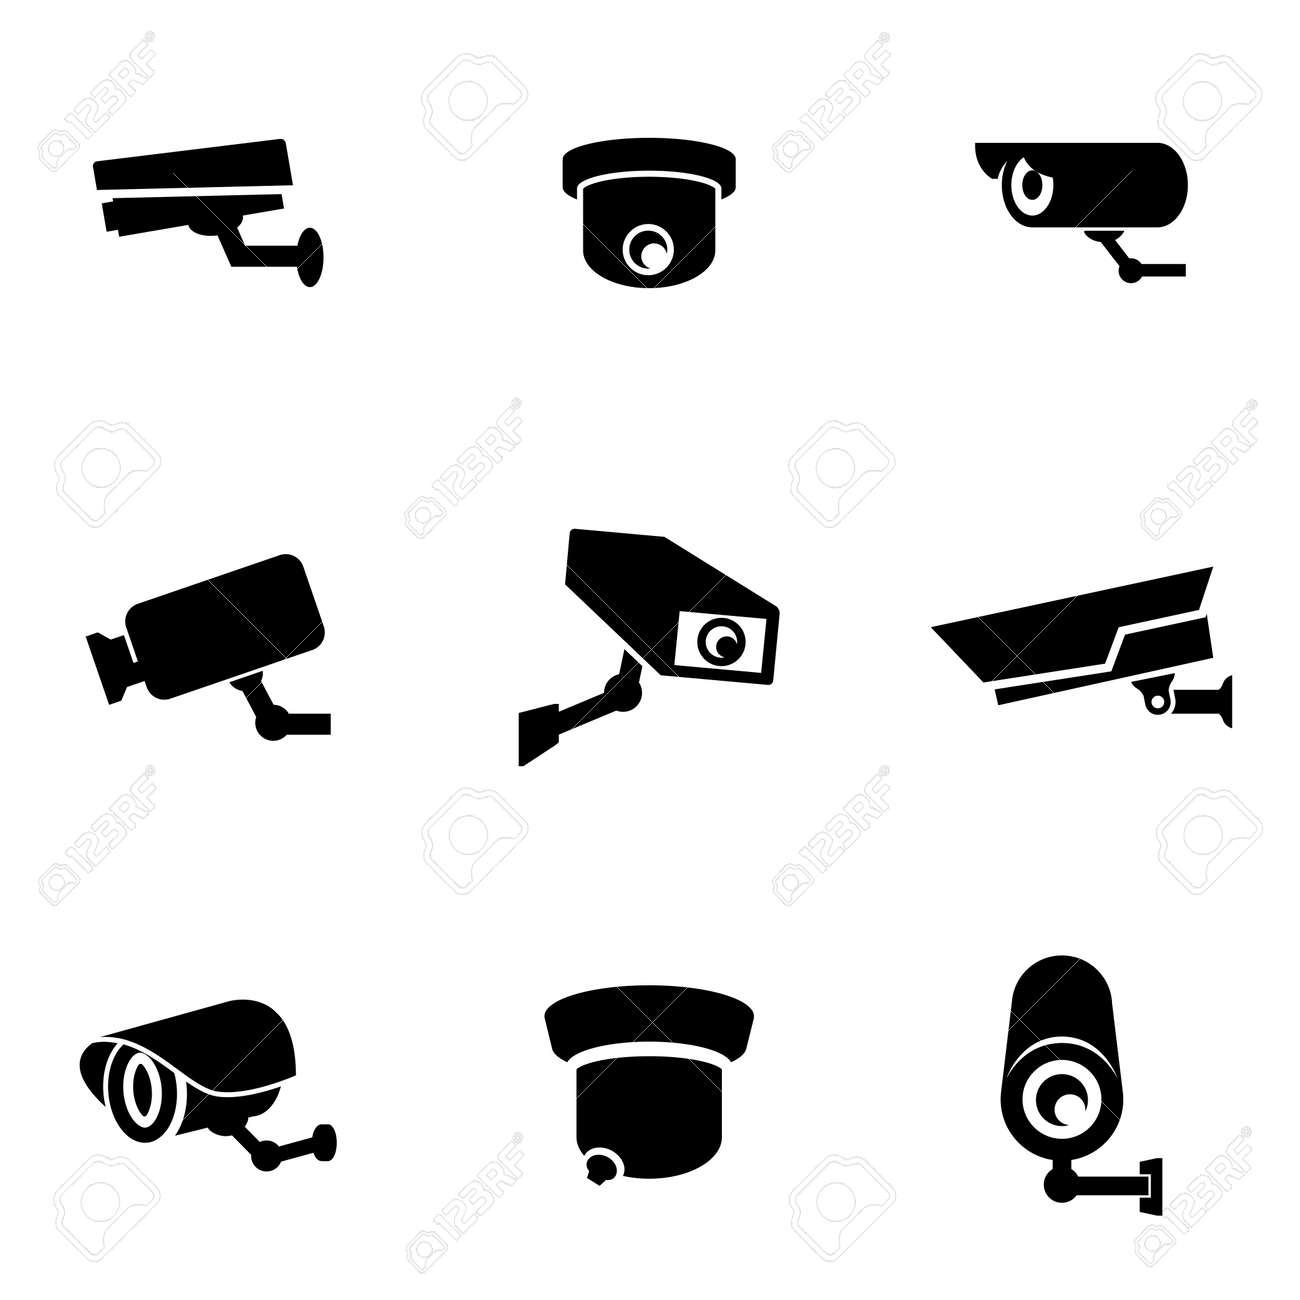 Vector black security camera icon set. Security Camera Icon Object, Security Camera Icon Picture, Security Camera Icon Image - stock vector - 50313635